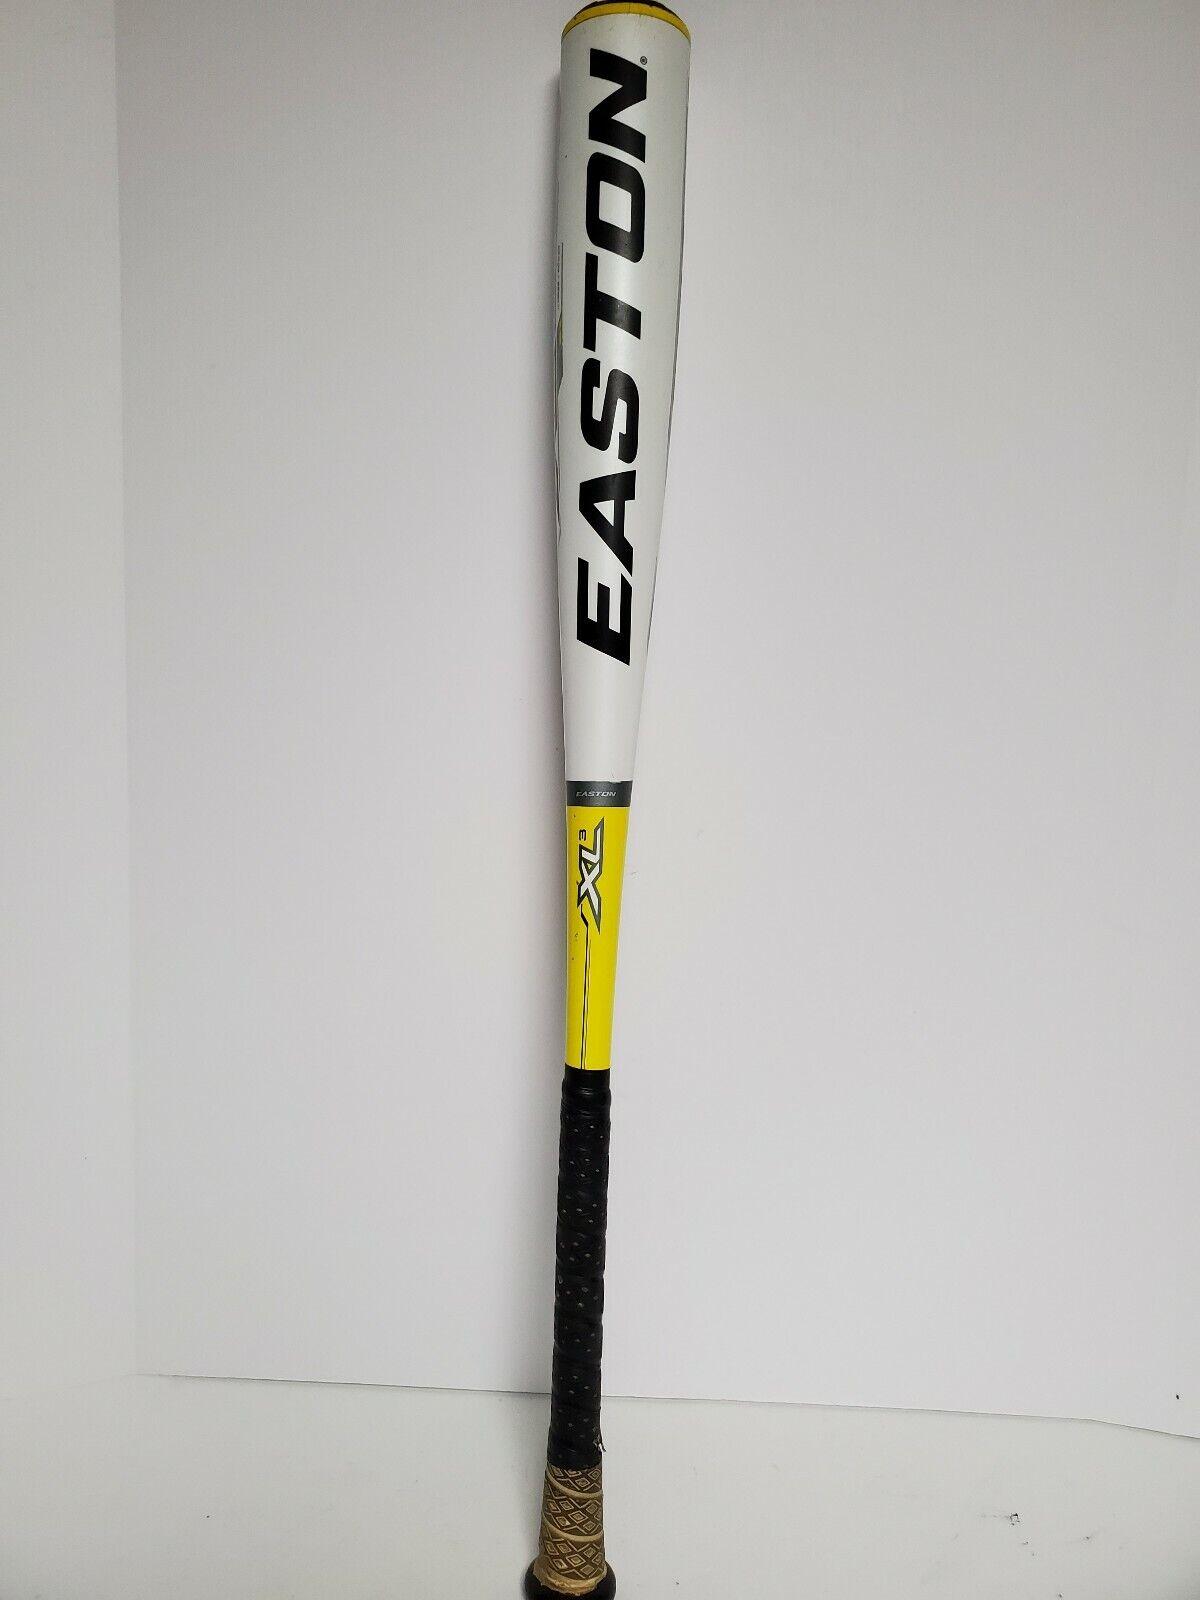 Easton XL3 Modelo BB11X3  Bbcor THT100 escandio Aleación de 32 pulgadas 29oz bate de béisbol